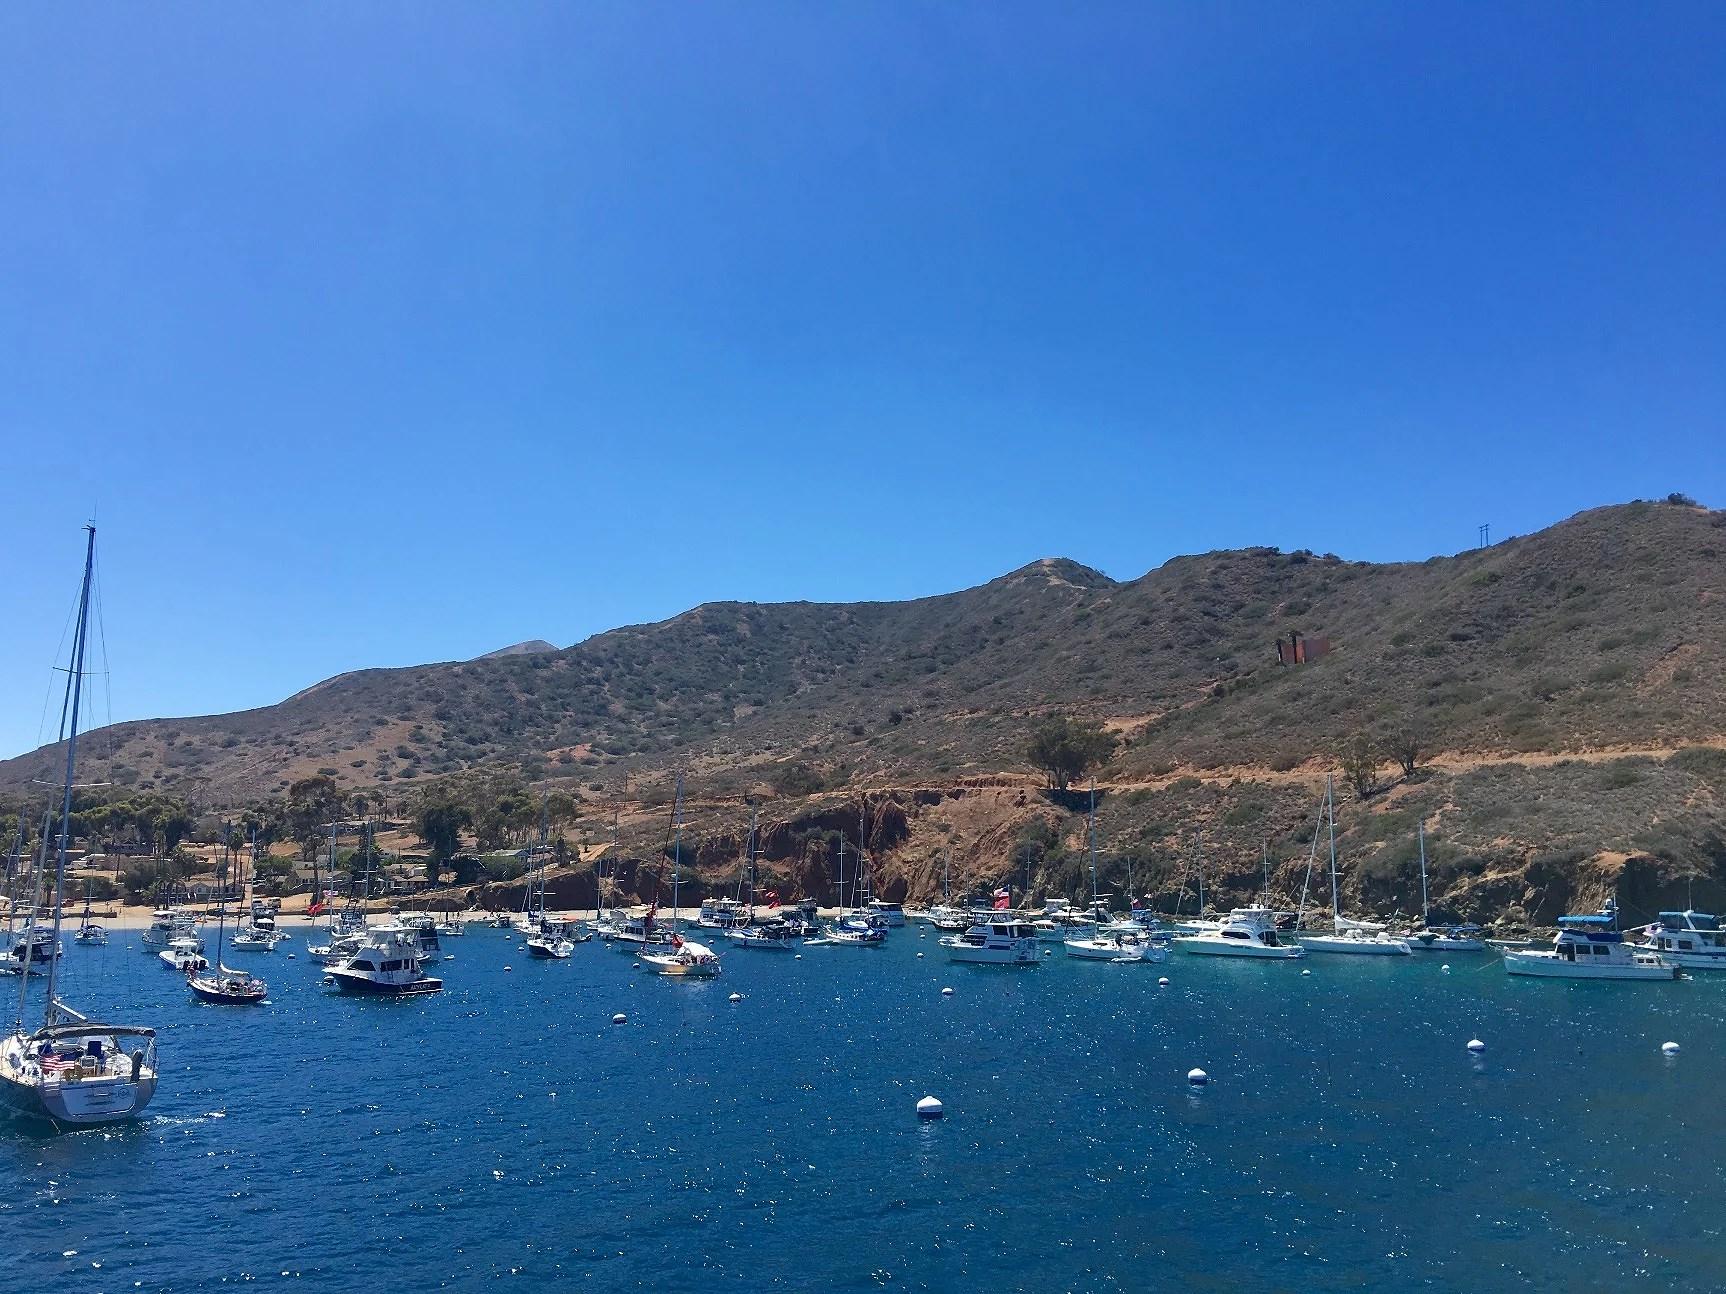 Birthday celebrations at Catalina Island